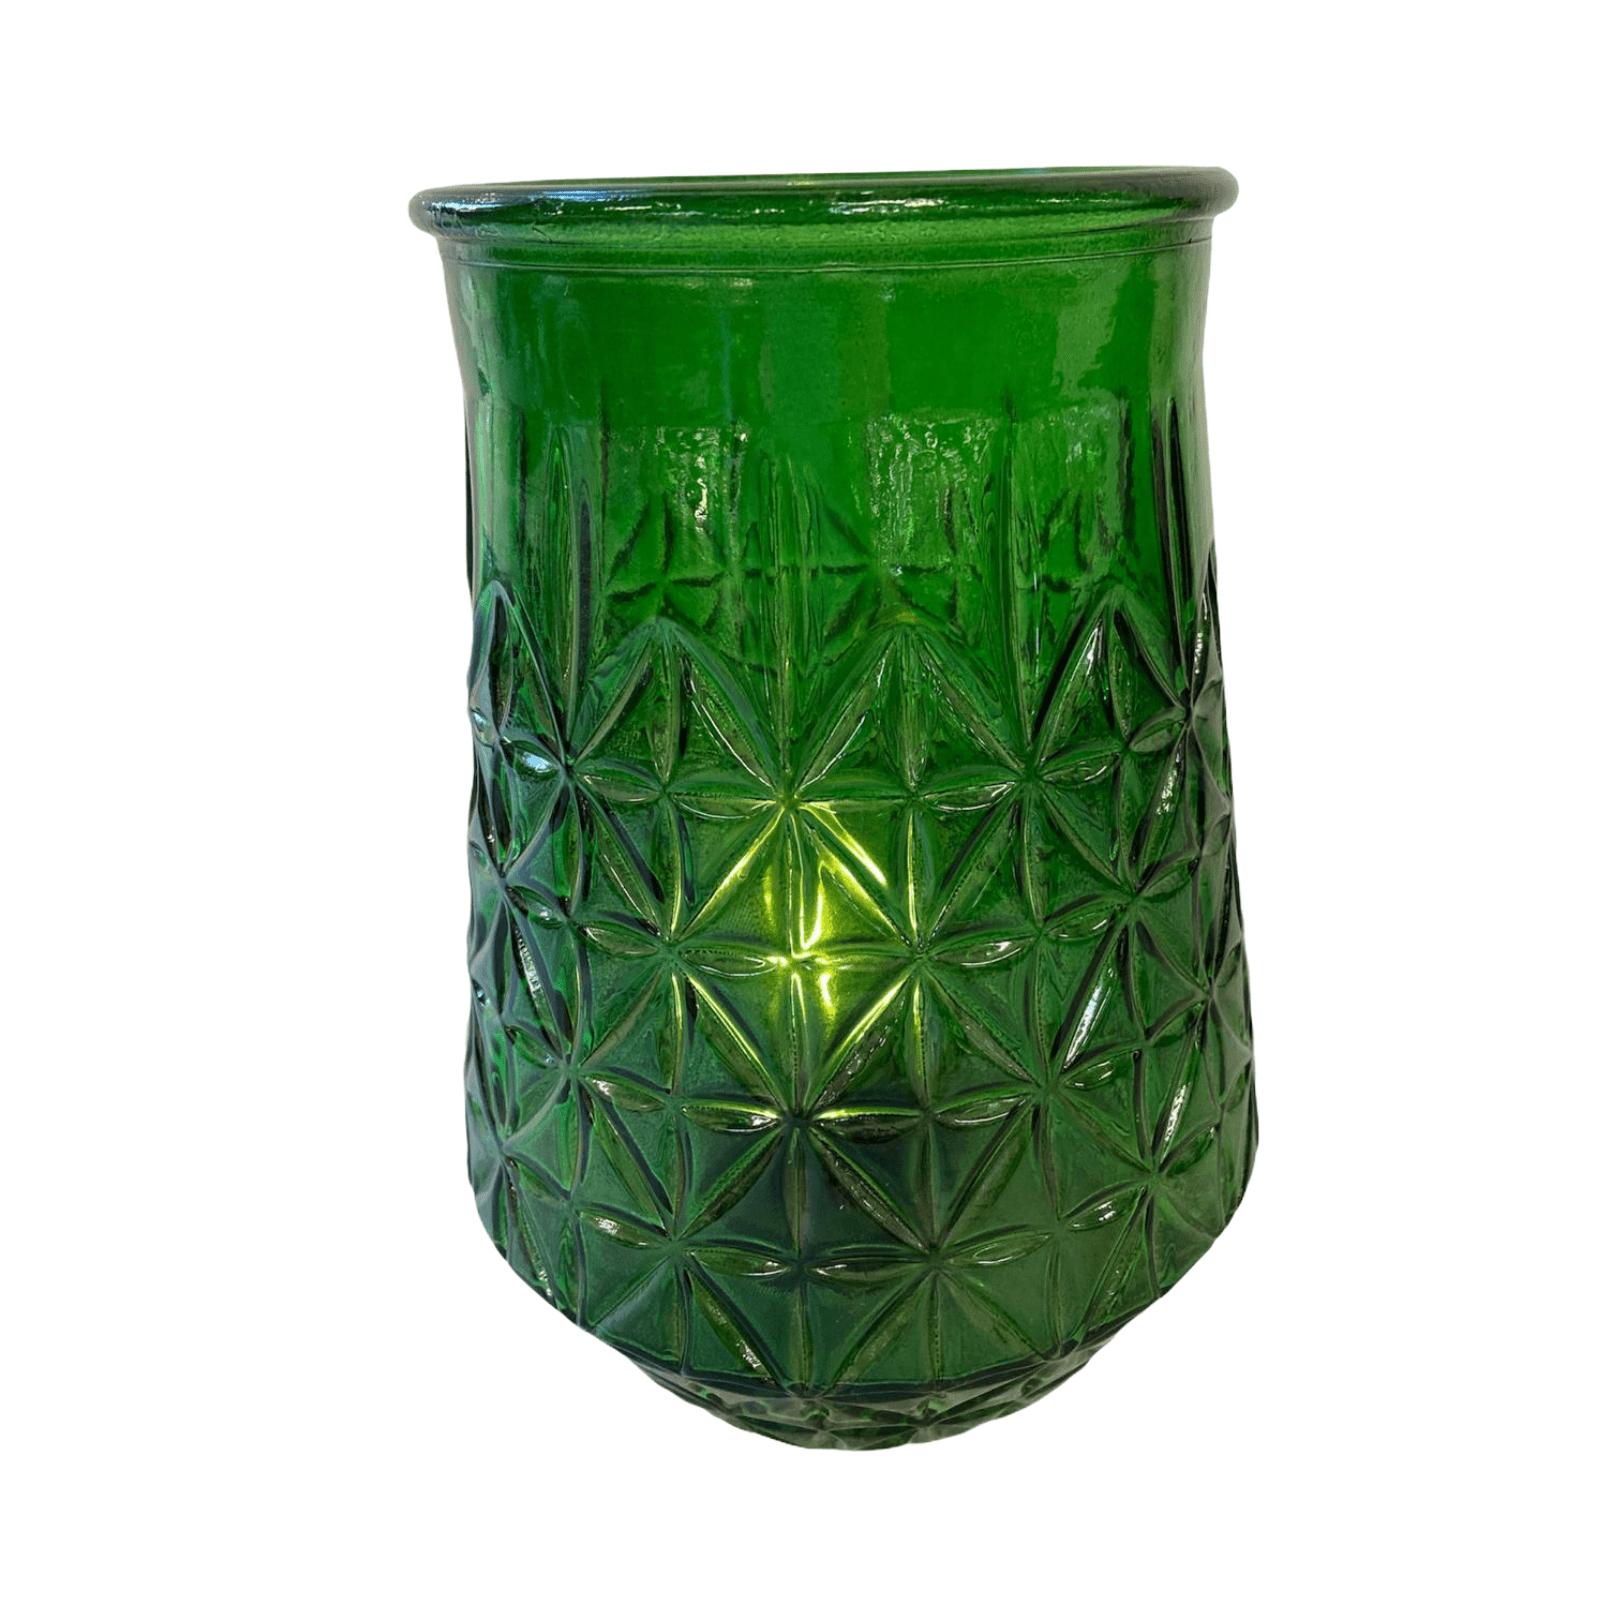 LED-Tischlampe aus Glas grün